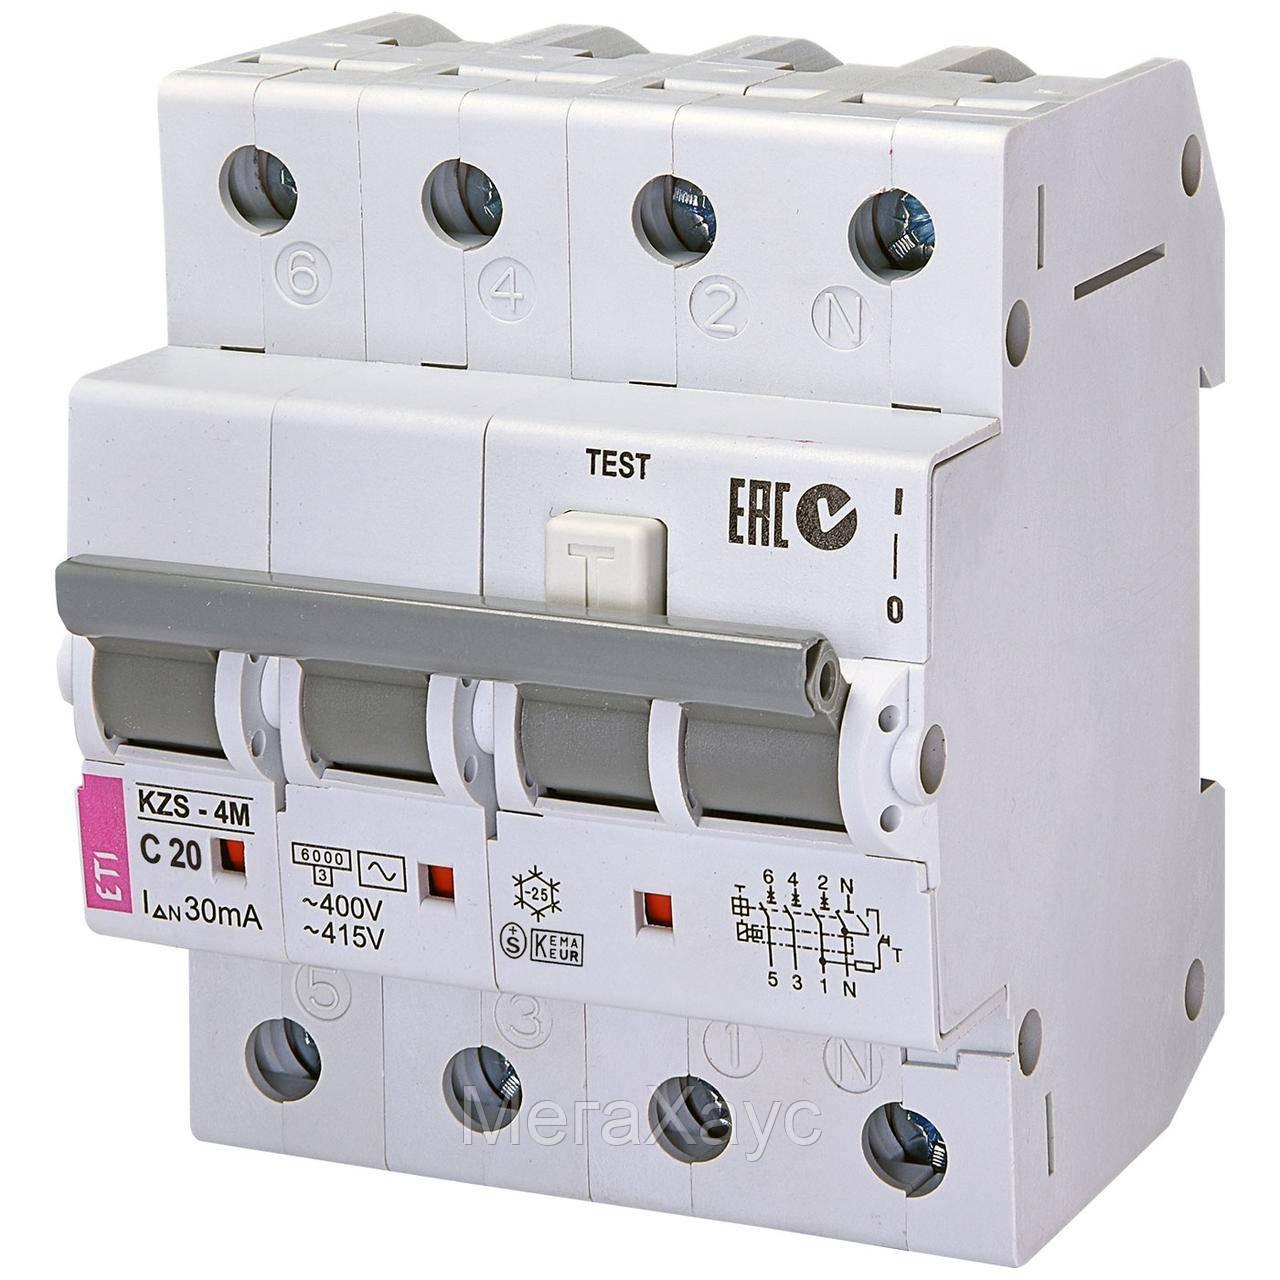 Дифференциальный  автоматический выключатель . ETI. KZS-4M 3p+N C 20/0,03 тип AC (